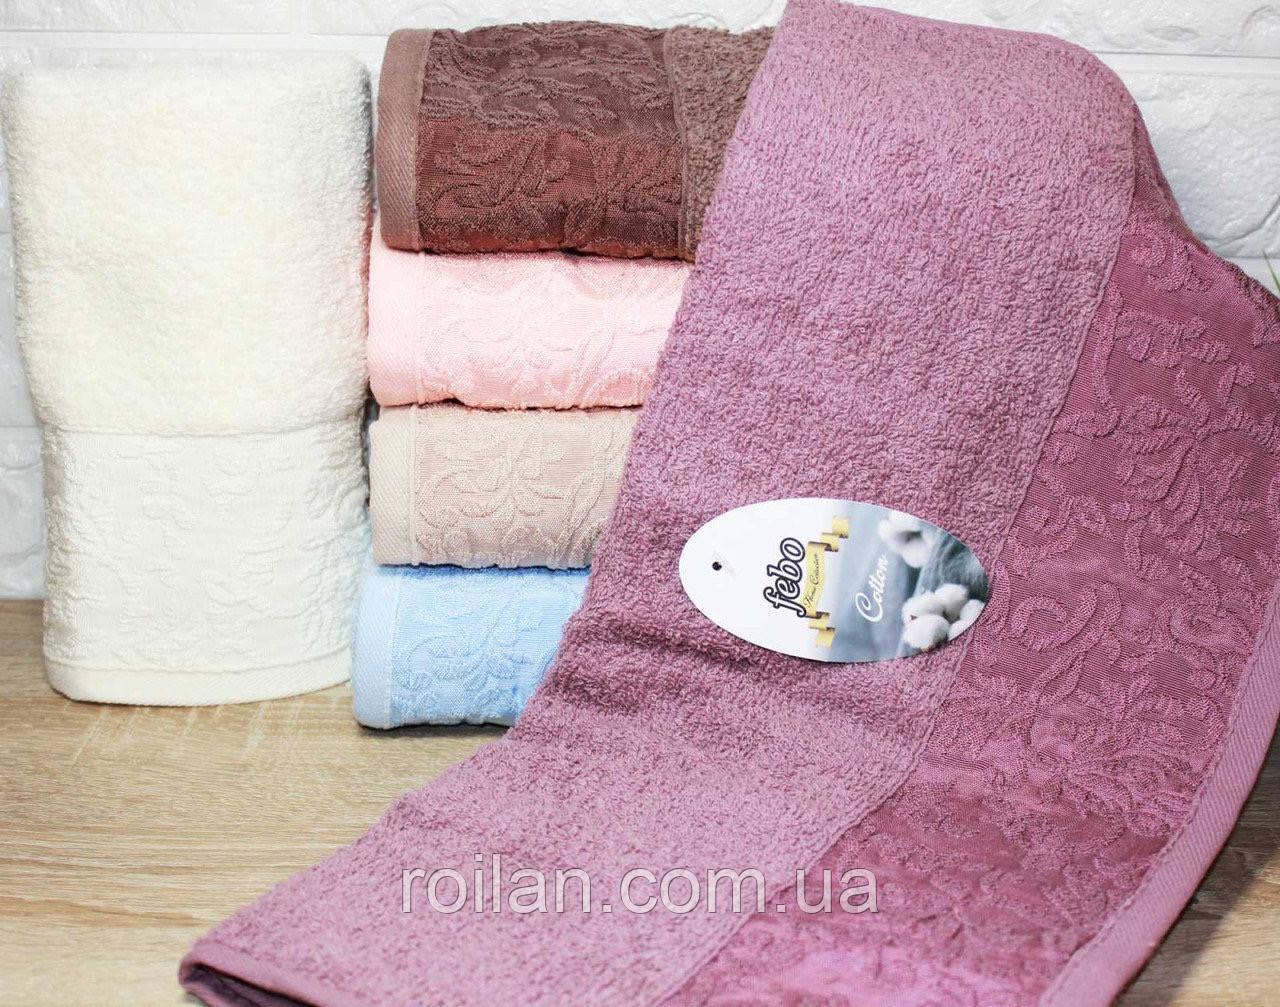 Банные турецкие полотенца BOTAN